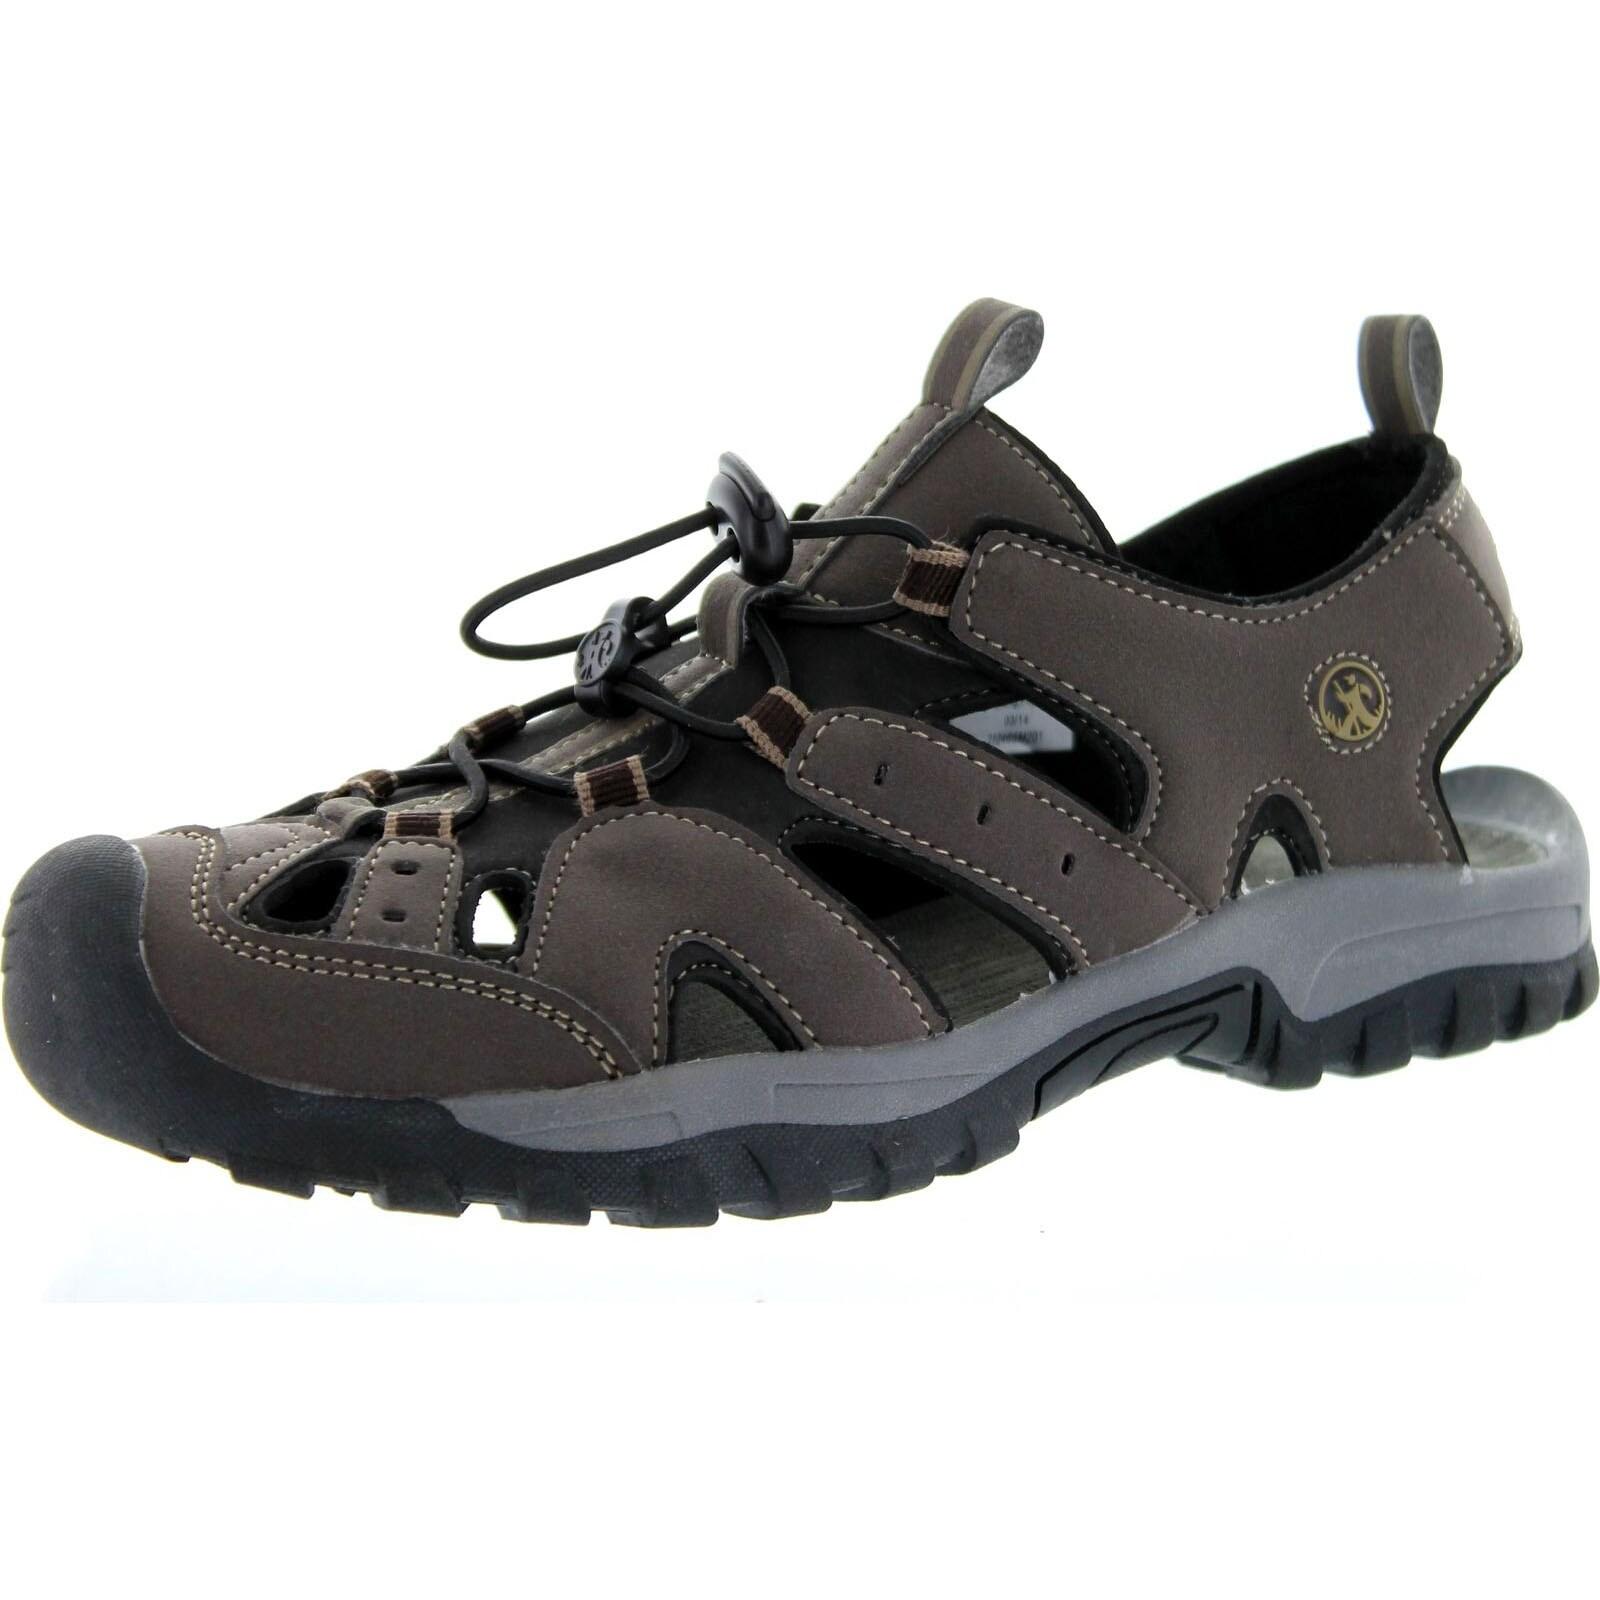 1029ef339271 Shop Northside Burke Ii Kids Athletic Sandals - Free Shipping On ...